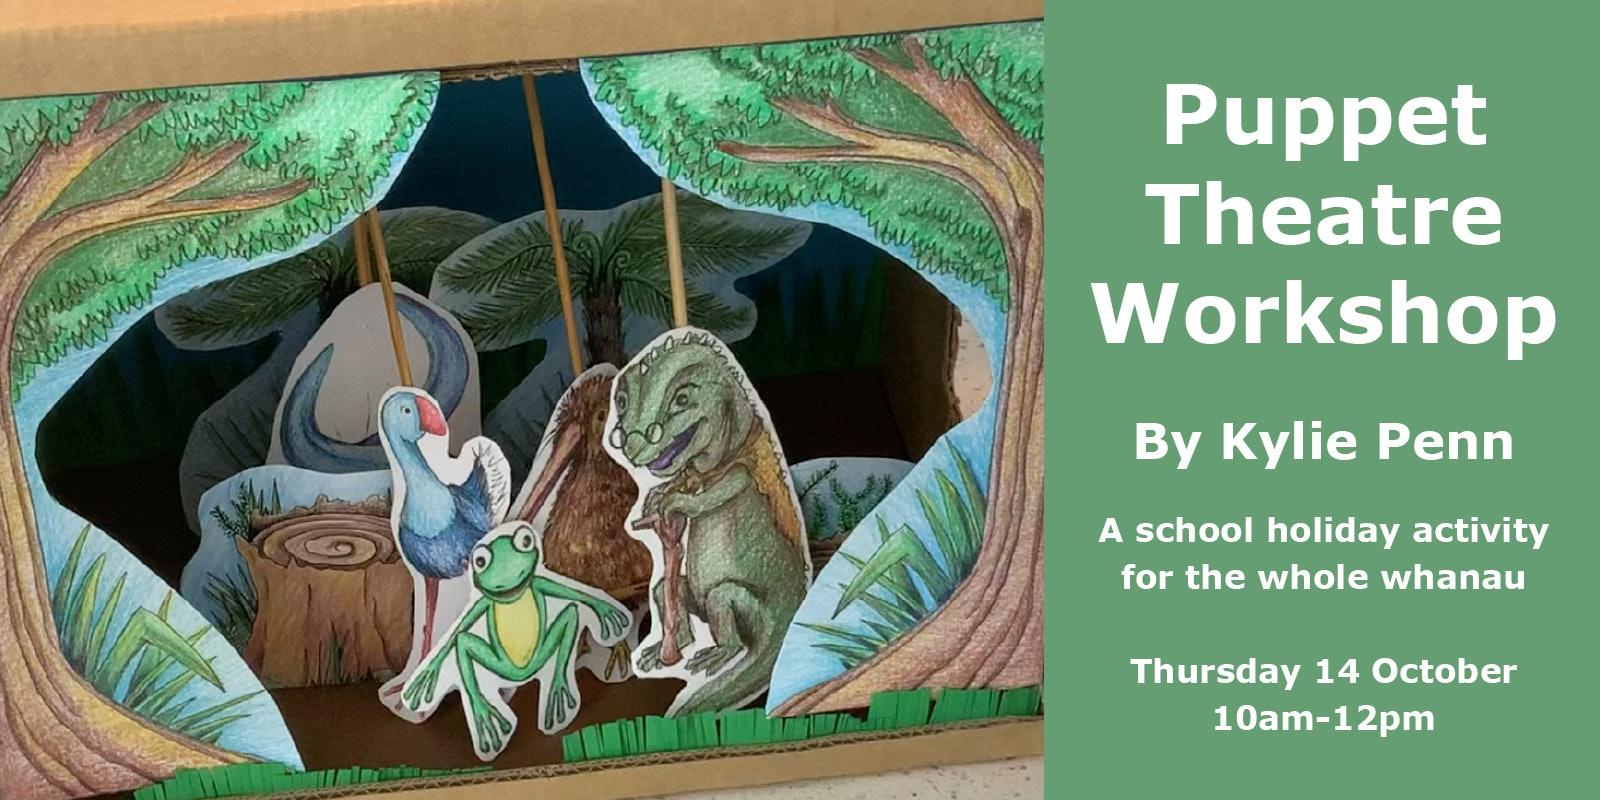 Puppet Theatre Workshop